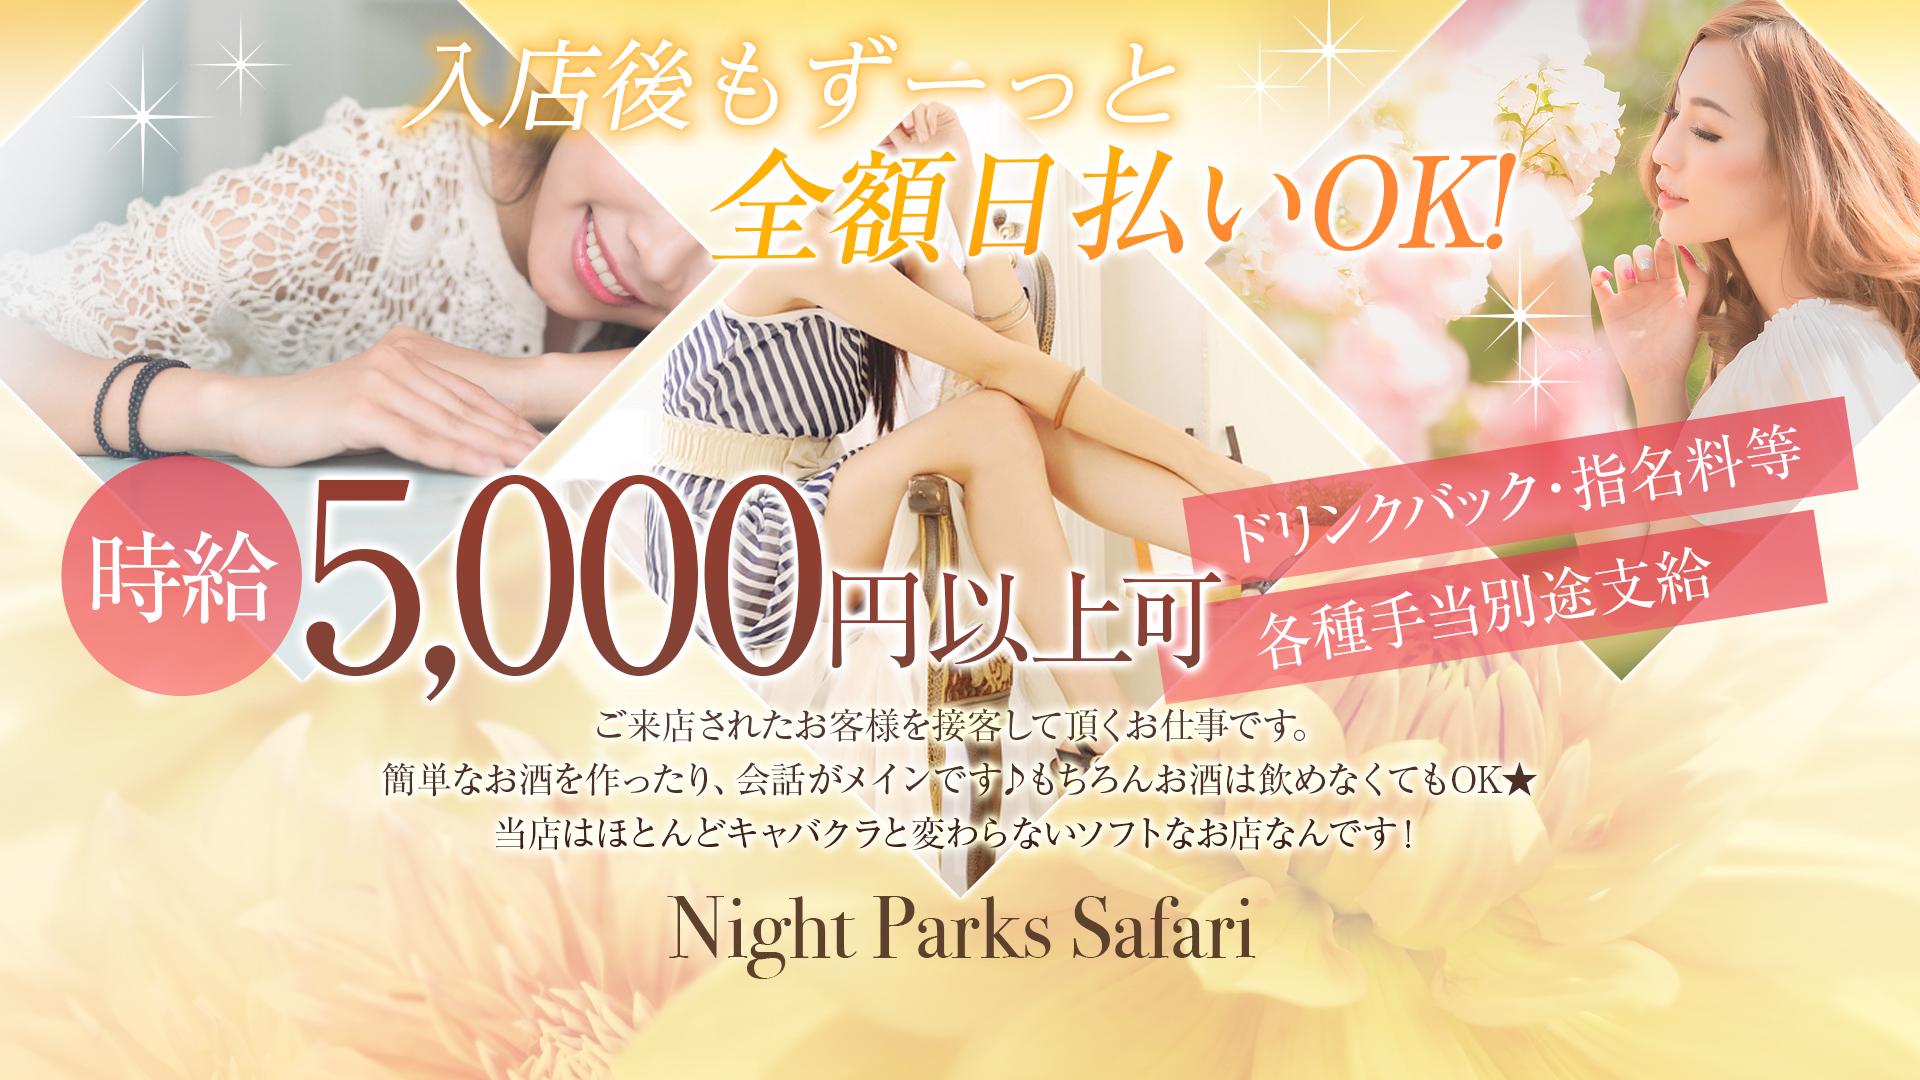 Night Parks Safari